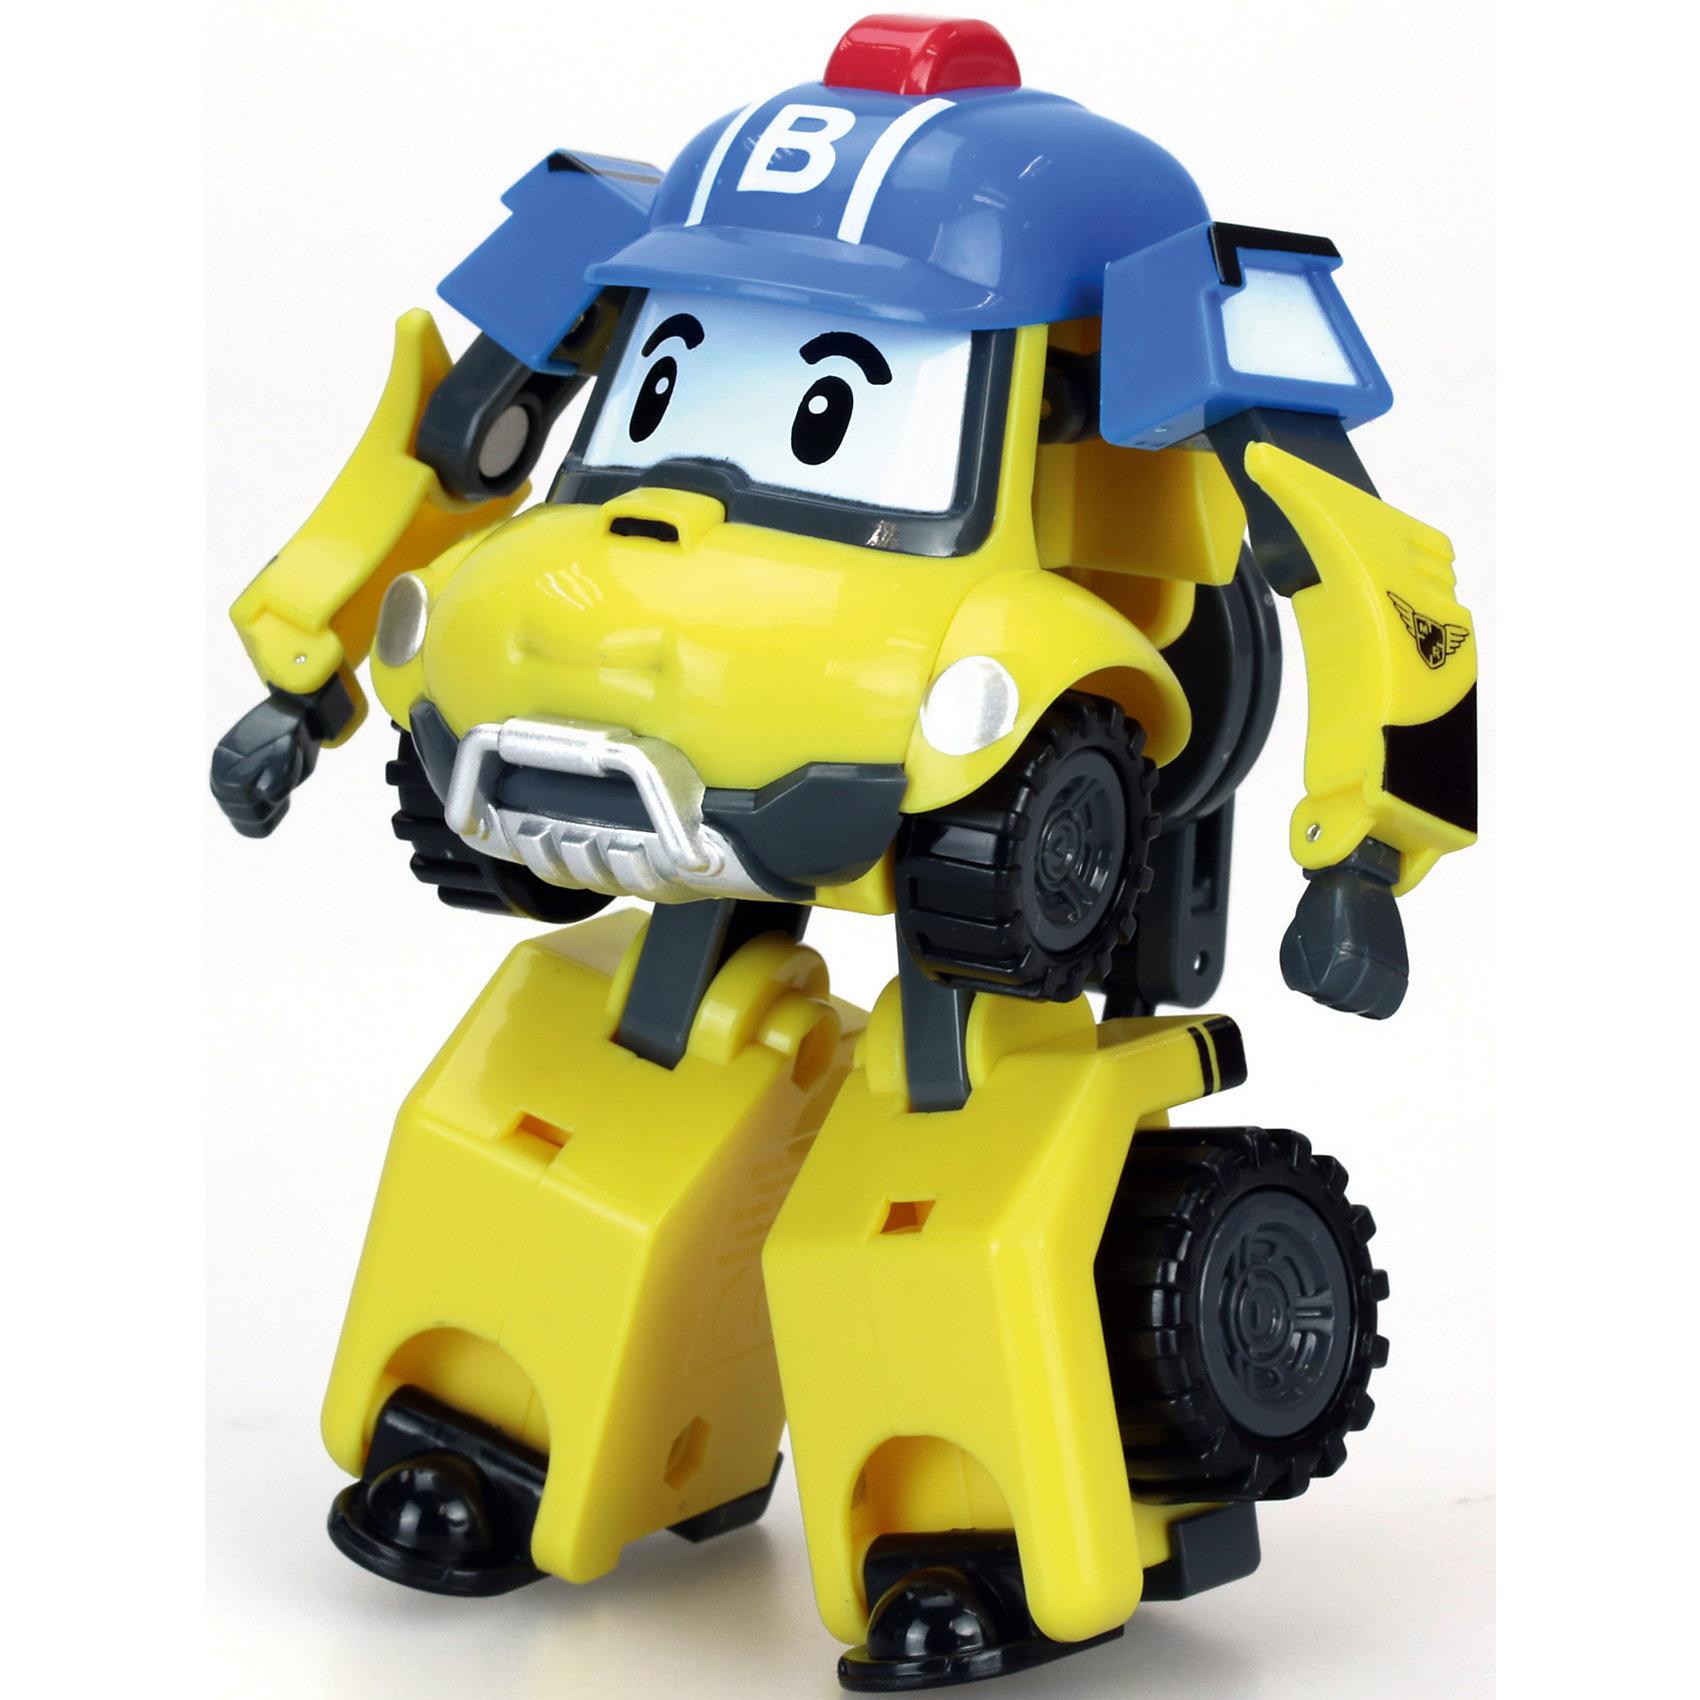 Трансформер Баки, 10 см, Робокар ПолиМашинки и транспорт для малышей<br>Трансформер Баки, 10 см, Робокар Поли.<br><br>Характеристики:<br><br>- Материал: пластик<br>- Размер игрушки: 10 см.<br>- Упаковка: картонная коробка блистерного типа<br>- Размер упаковки: 12,7 x 12,7 x 16,5 см.<br>- Вес: 220 гр.<br><br>Игрушка выполнена в образе одного из славных жителей городка Брумстаун – горноспасателя по имени Баки. Фигурка авто-робота выполнена в мультяшном стиле с весёлыми глазками, все его подвижные детали выполнены в сочетании 2-х цветов: жёлтого и голубого. Авто-робот легко трансформируется в компактный грузовик, с которым можно устроить настоящие гонки. Игрушка выполнена из качественного пластика, все её элементы имеют яркую окраску.<br><br>Трансформера Баки, 10 см, Робокар Поли можно купить в нашем интернет-магазине.<br><br>Ширина мм: 127<br>Глубина мм: 127<br>Высота мм: 165<br>Вес г: 220<br>Возраст от месяцев: 36<br>Возраст до месяцев: 2147483647<br>Пол: Унисекс<br>Возраст: Детский<br>SKU: 5059830